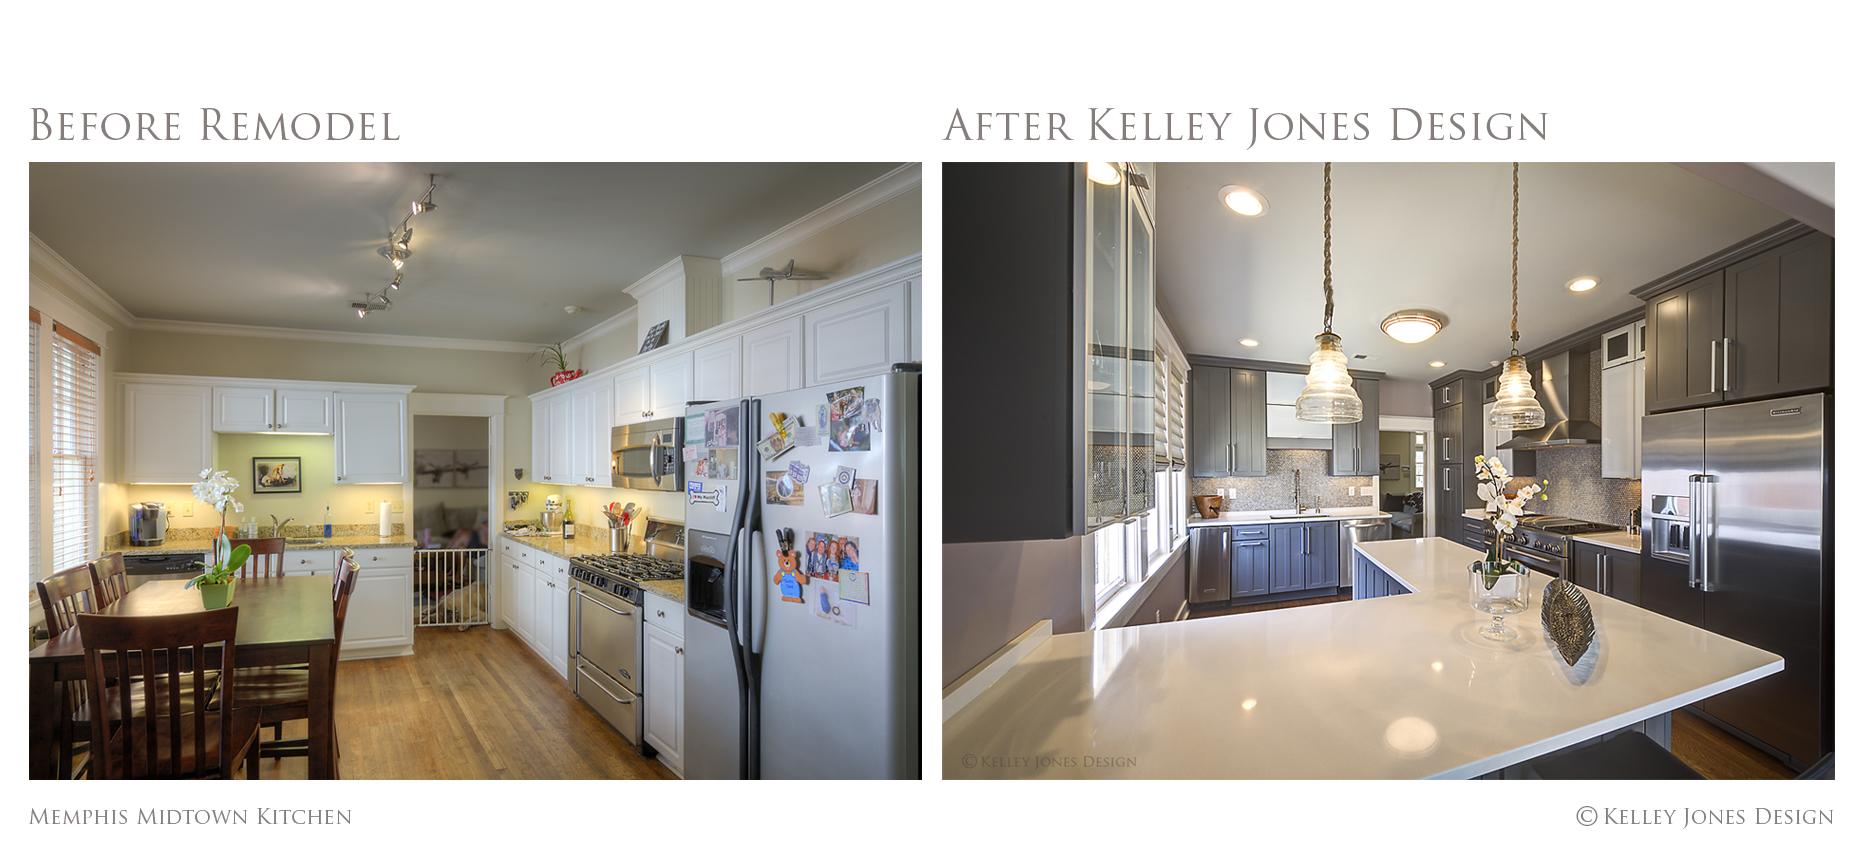 4-memphis-midtown-kitchen-remodel-before-after-kelley-jones-design.jpg